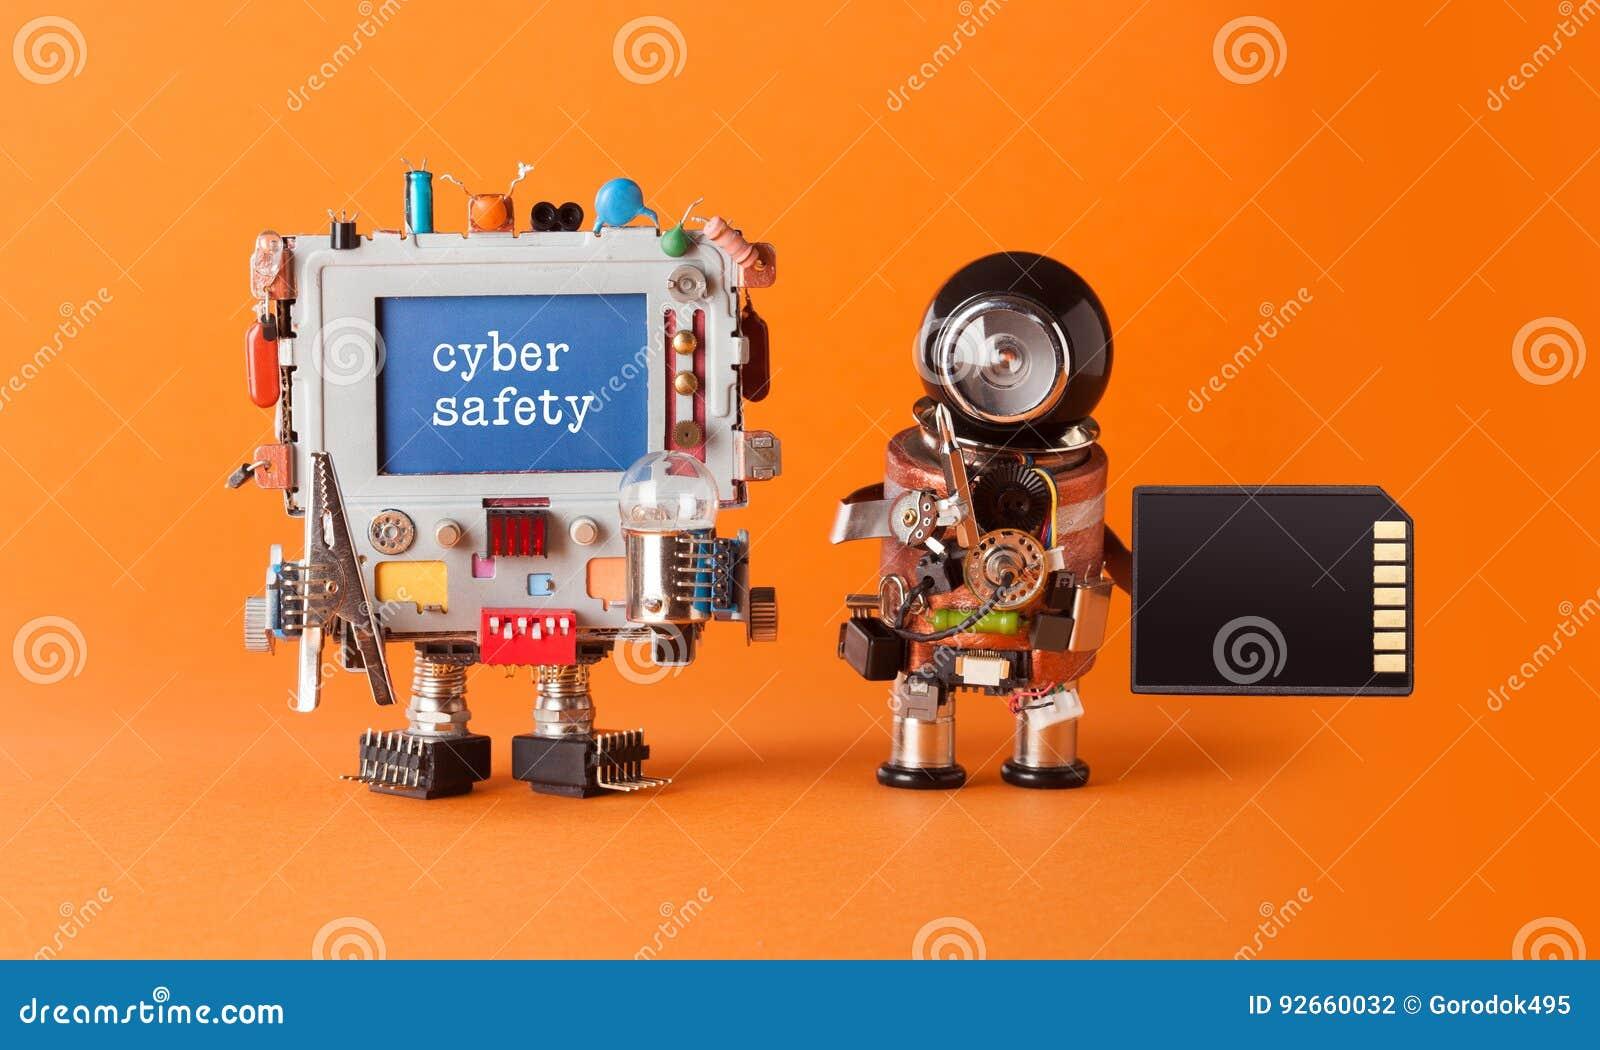 Έννοια ασφάλειας εγκλήματος Διαδικτύου ασφάλειας Cyber Άγρυπνος χαραγμένος μήνυμα υπολογιστής Ρομποτικός αντιιός ειδικών καρτών μ